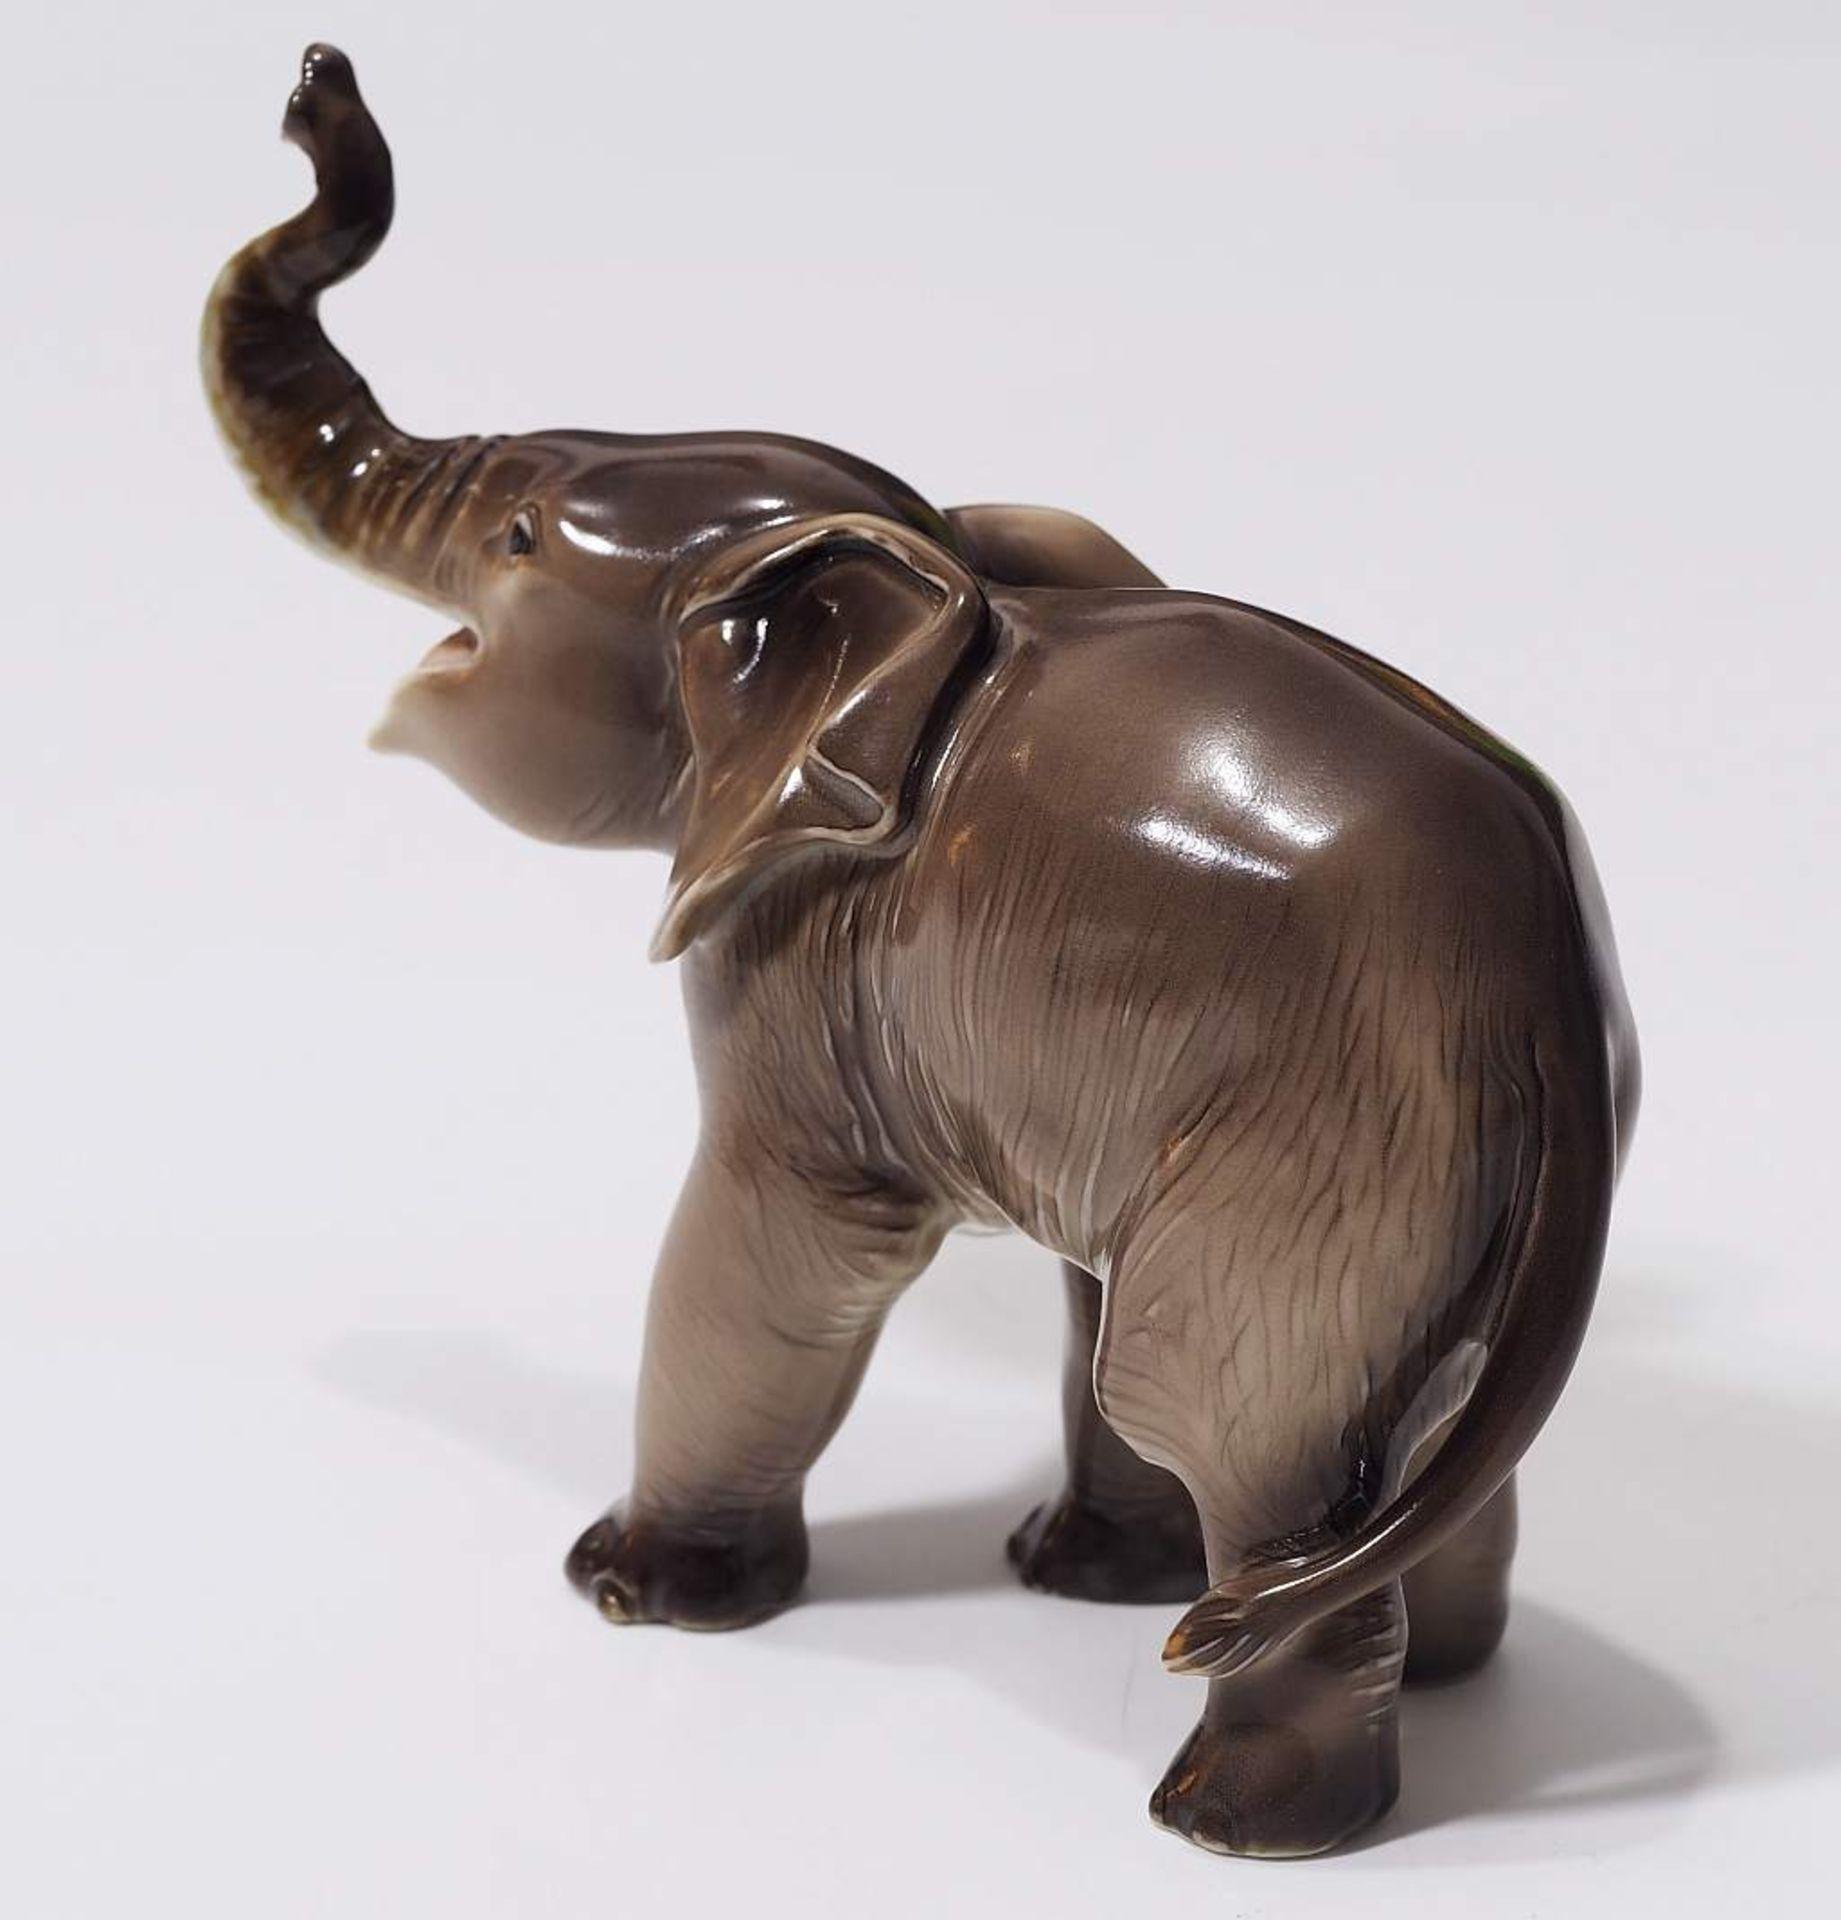 """Sehr seltene Tiefigur """"Elefant, trompetend"""", ALLACH. Sehr seltene Tiefigur """"Elefant, trompetend"""", - Bild 6 aus 12"""